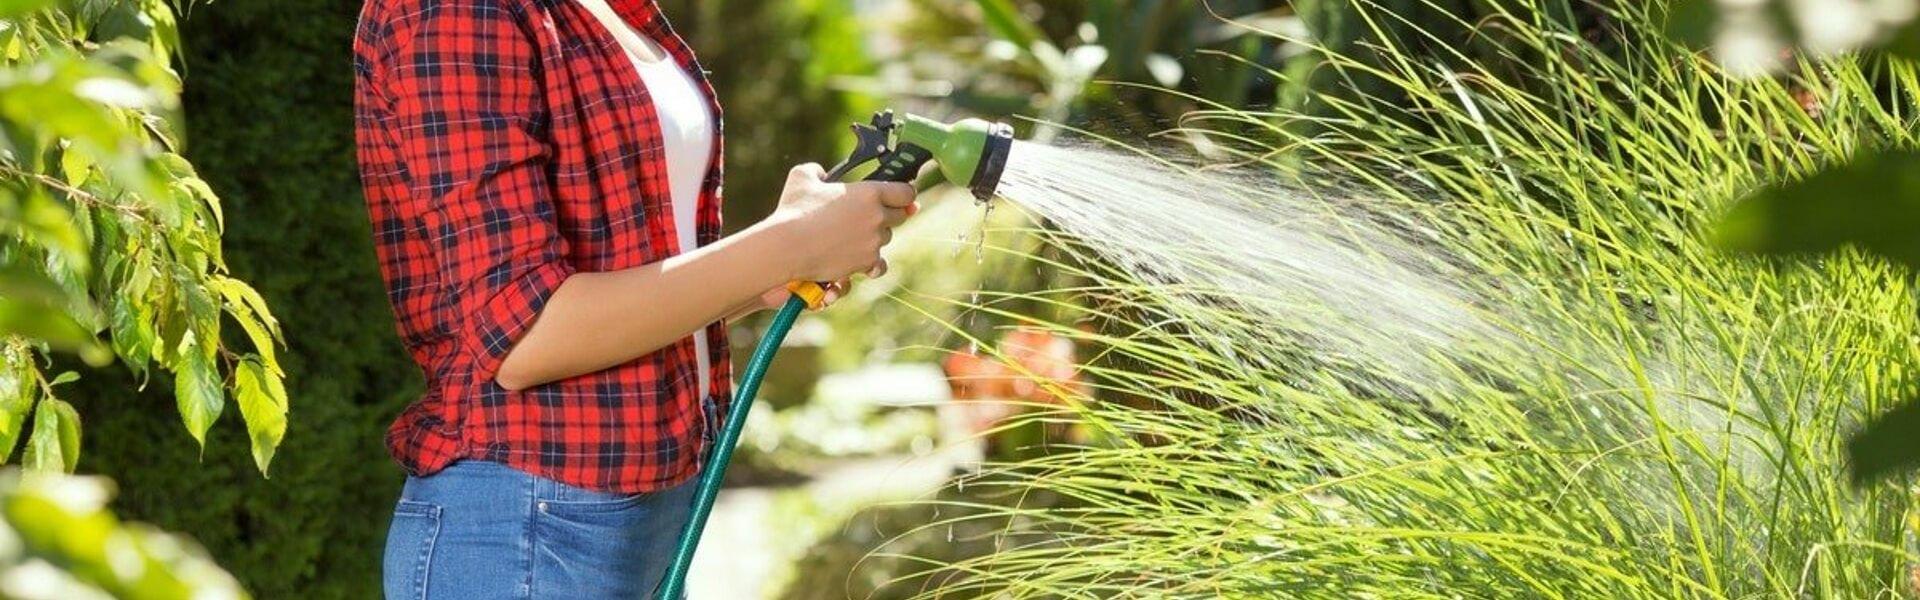 Best Garden Hoses Reviewed